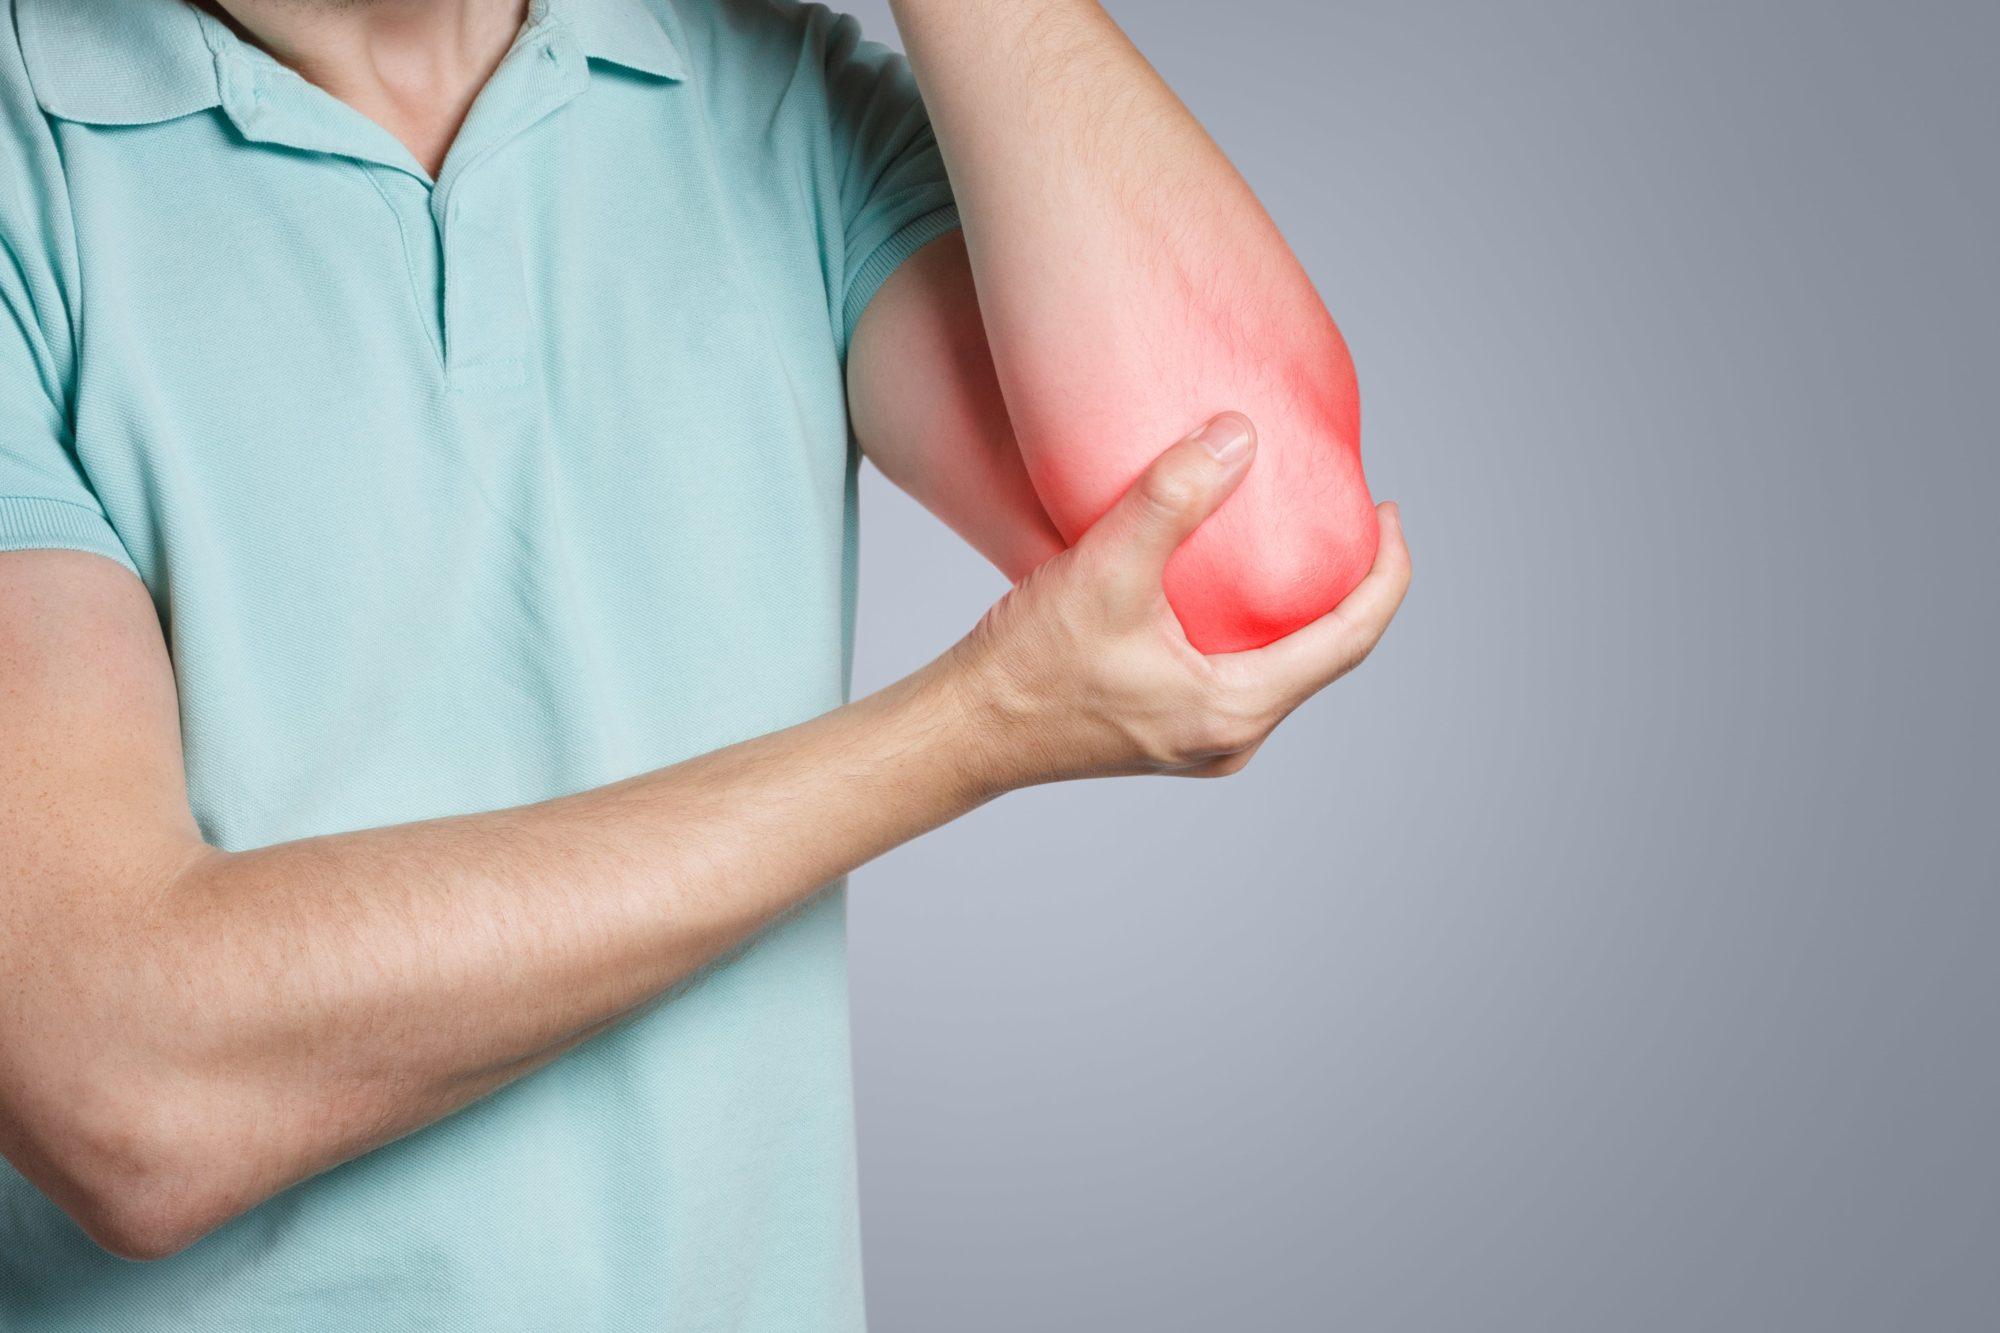 elleboogpijn en elleboogklacht laten behandelen in sport medisch centrum papendal